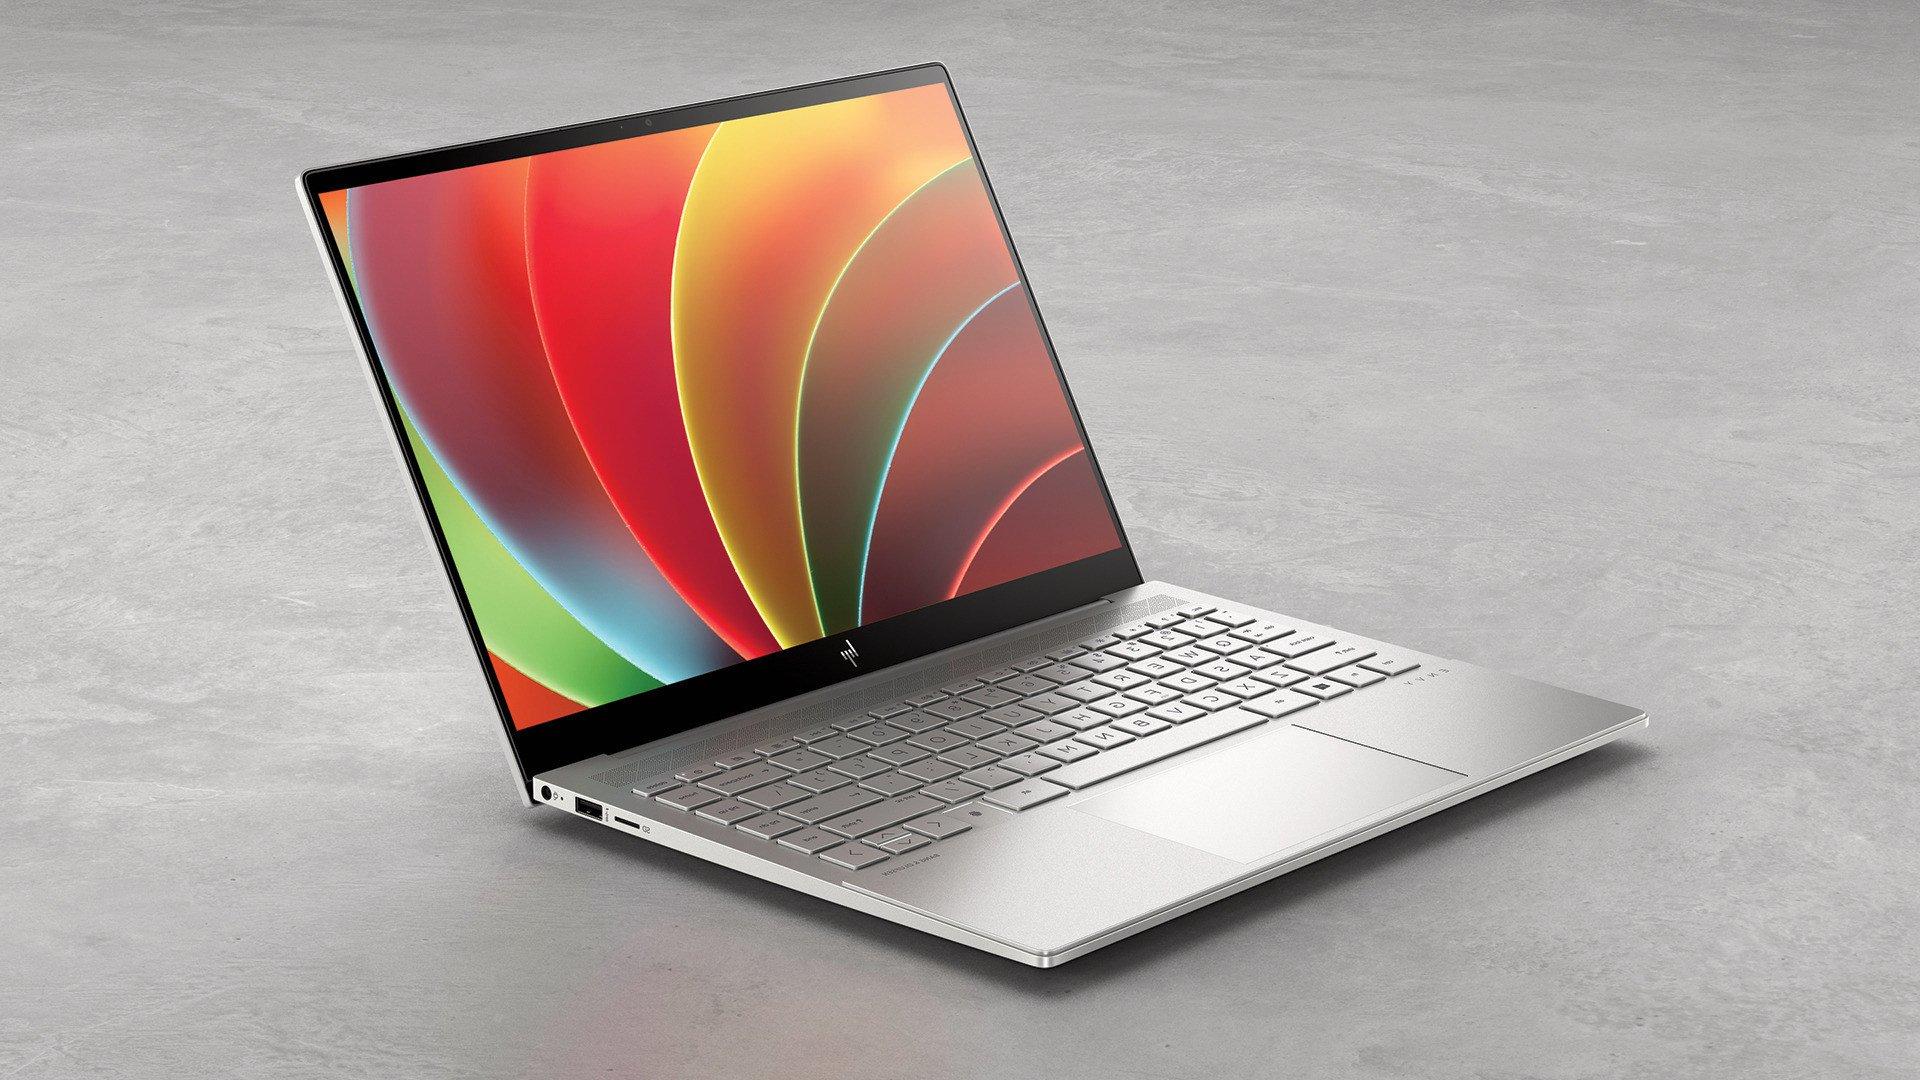 Notebooks, Laptops, Hewlett Packard, Ces 2021, HP Envy 14